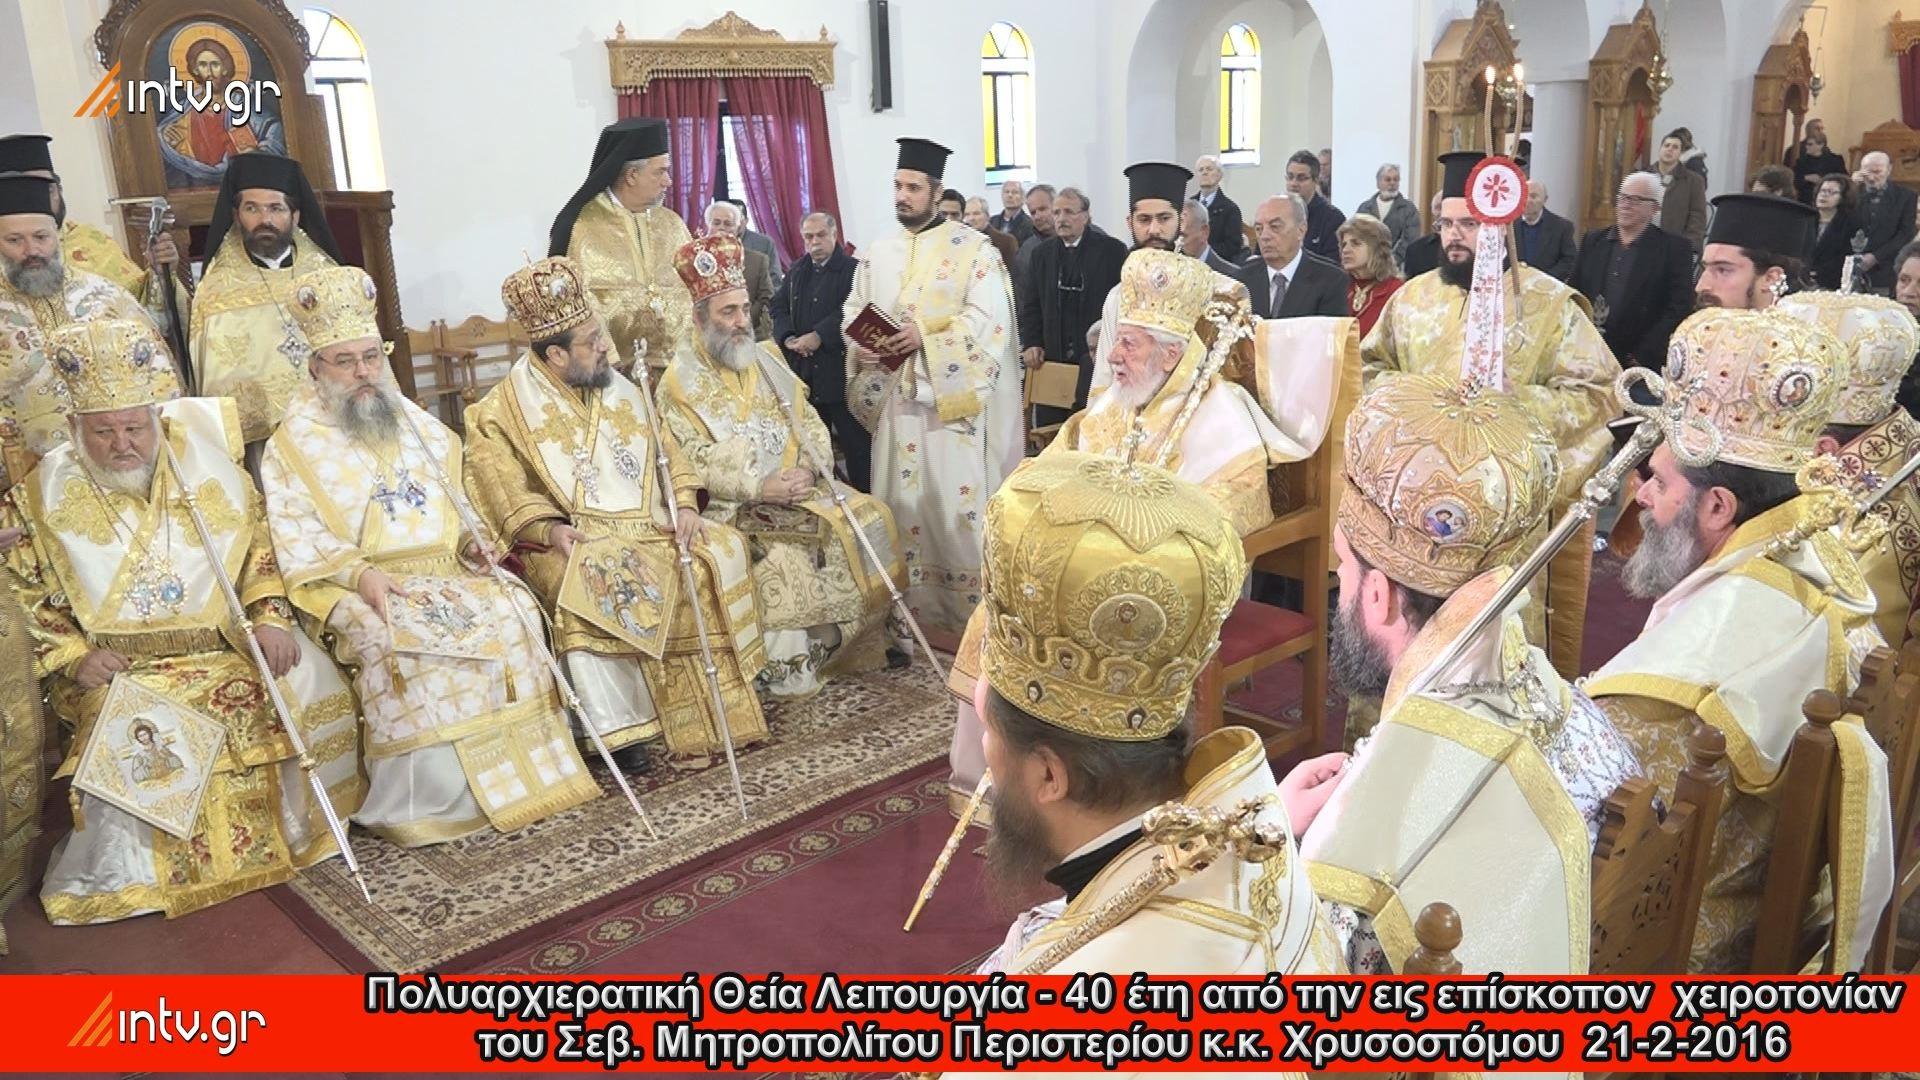 Πολυαρχιερατική Θεία Λειτουργία - 40 έτη από την εις επίσκοπον  χειροτονίαν του Σεβ. Μητροπολίτου Περιστερίου κ.κ. Χρυσοστόμου